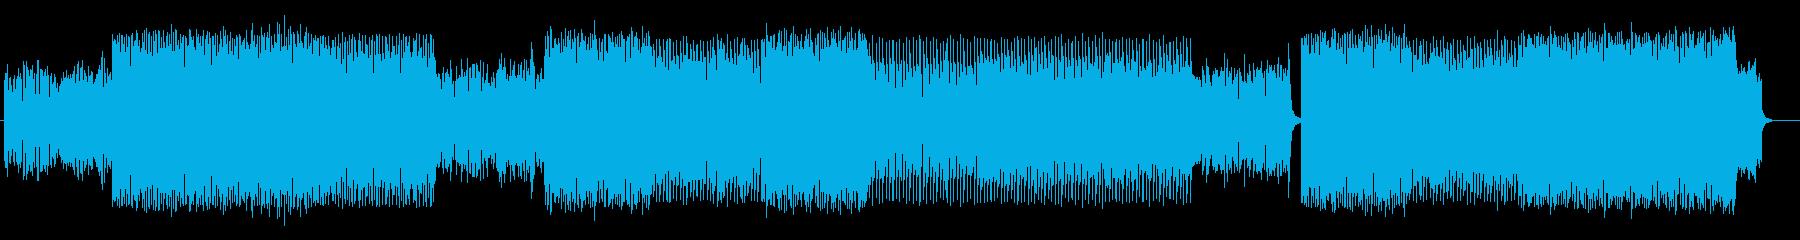 激しく疾走感のあるシンセサイザーテクノの再生済みの波形